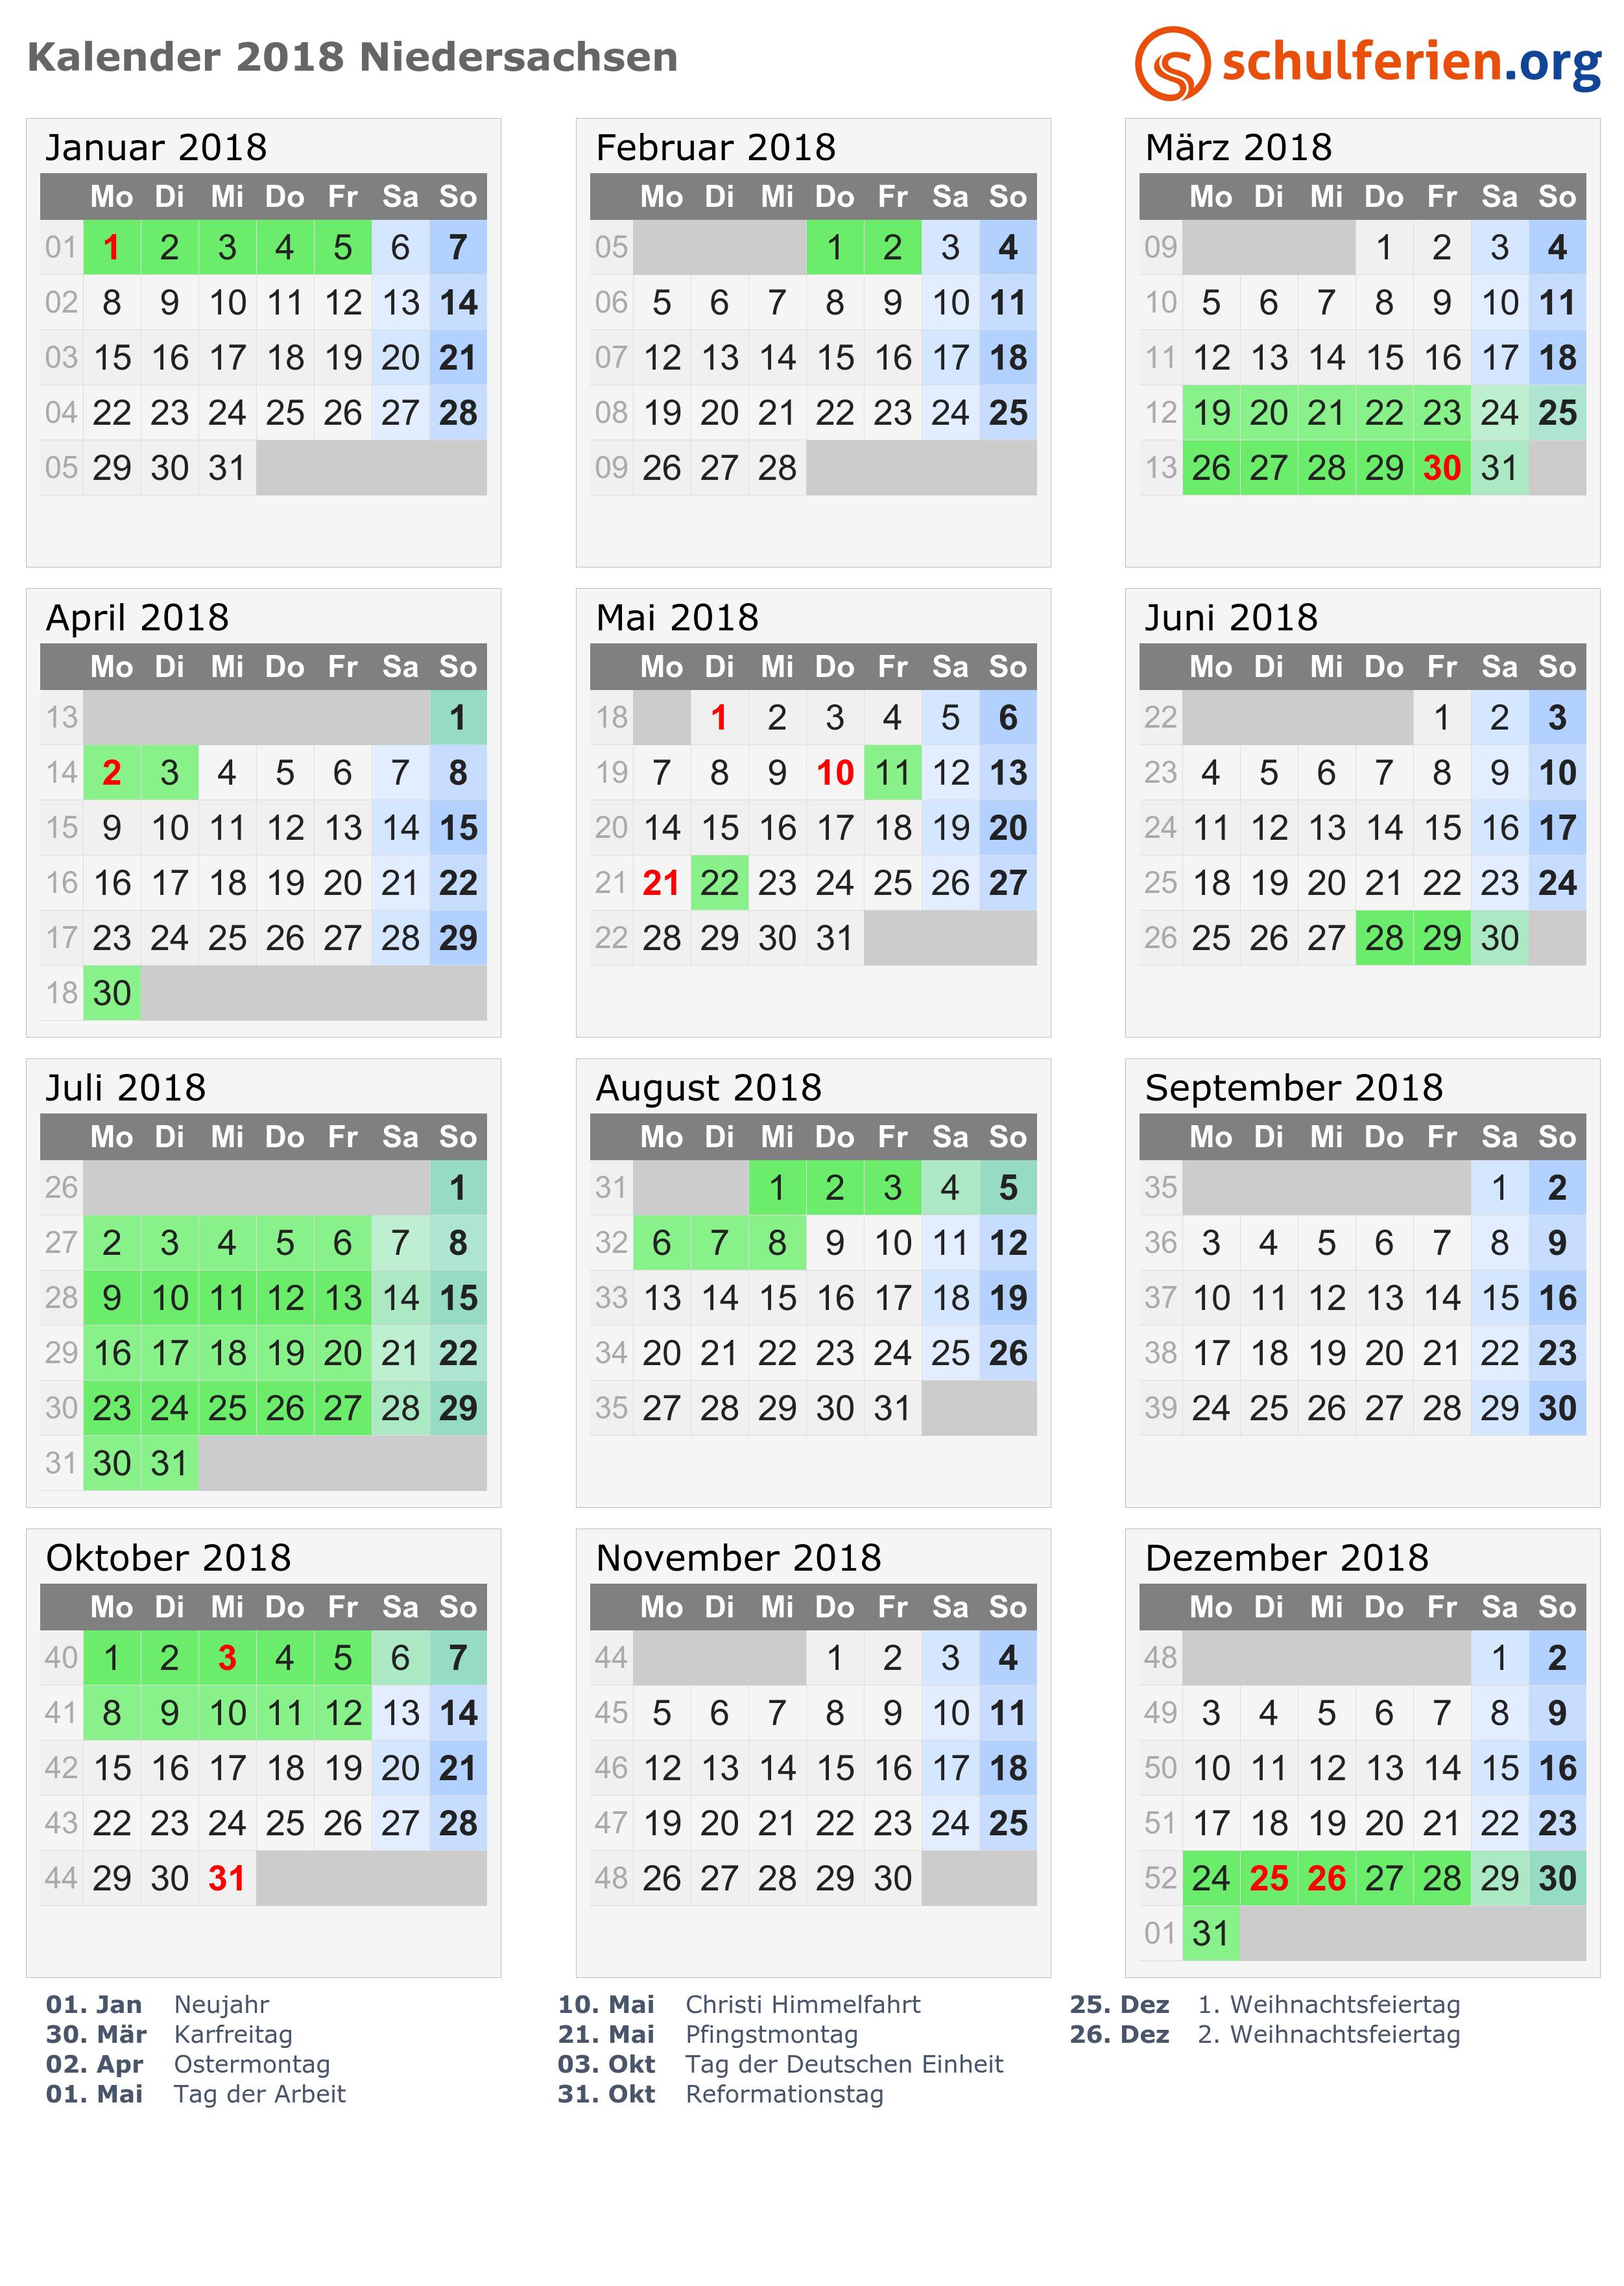 Kalender 2018 mit Ferien und Feiertagen Niedersachsen